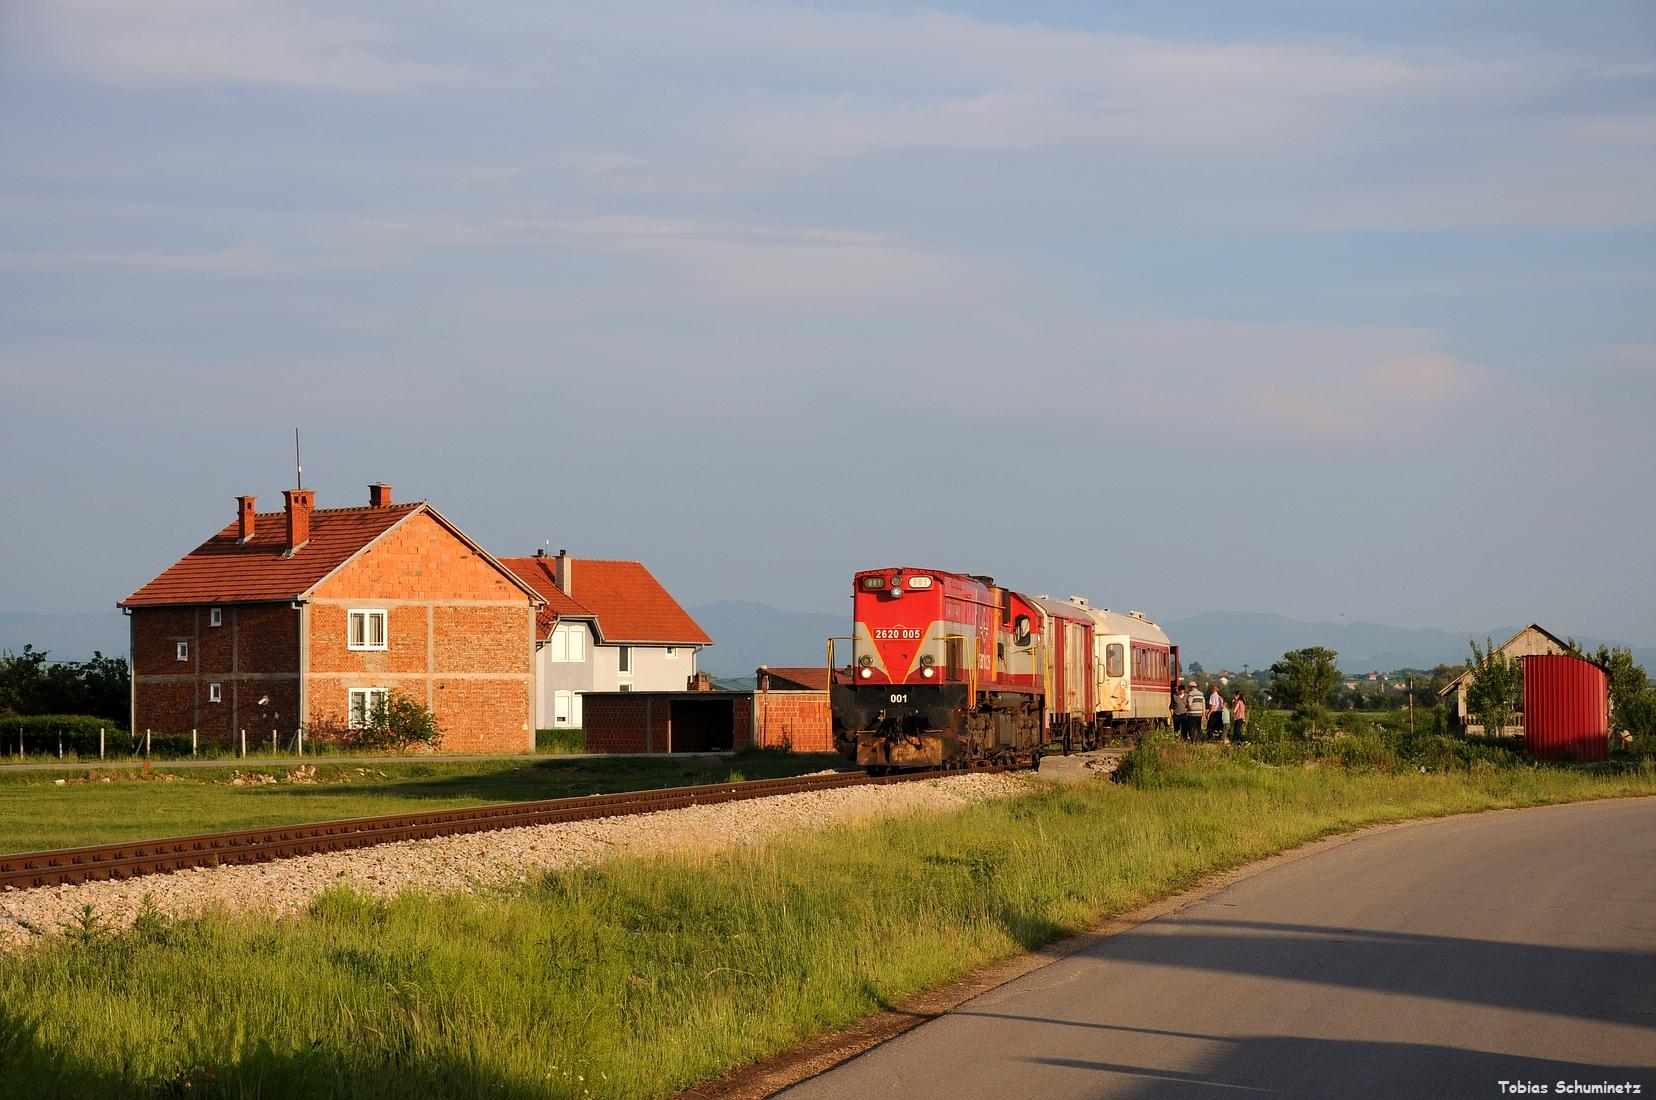 Gleich anschliessend fuhren wir noch zum Haltepunkt Fushlot um den IC892 von Skopje her aufzunehmen. Im allerschönsten Abendlich stand der Zug dann am Bahnsteig.